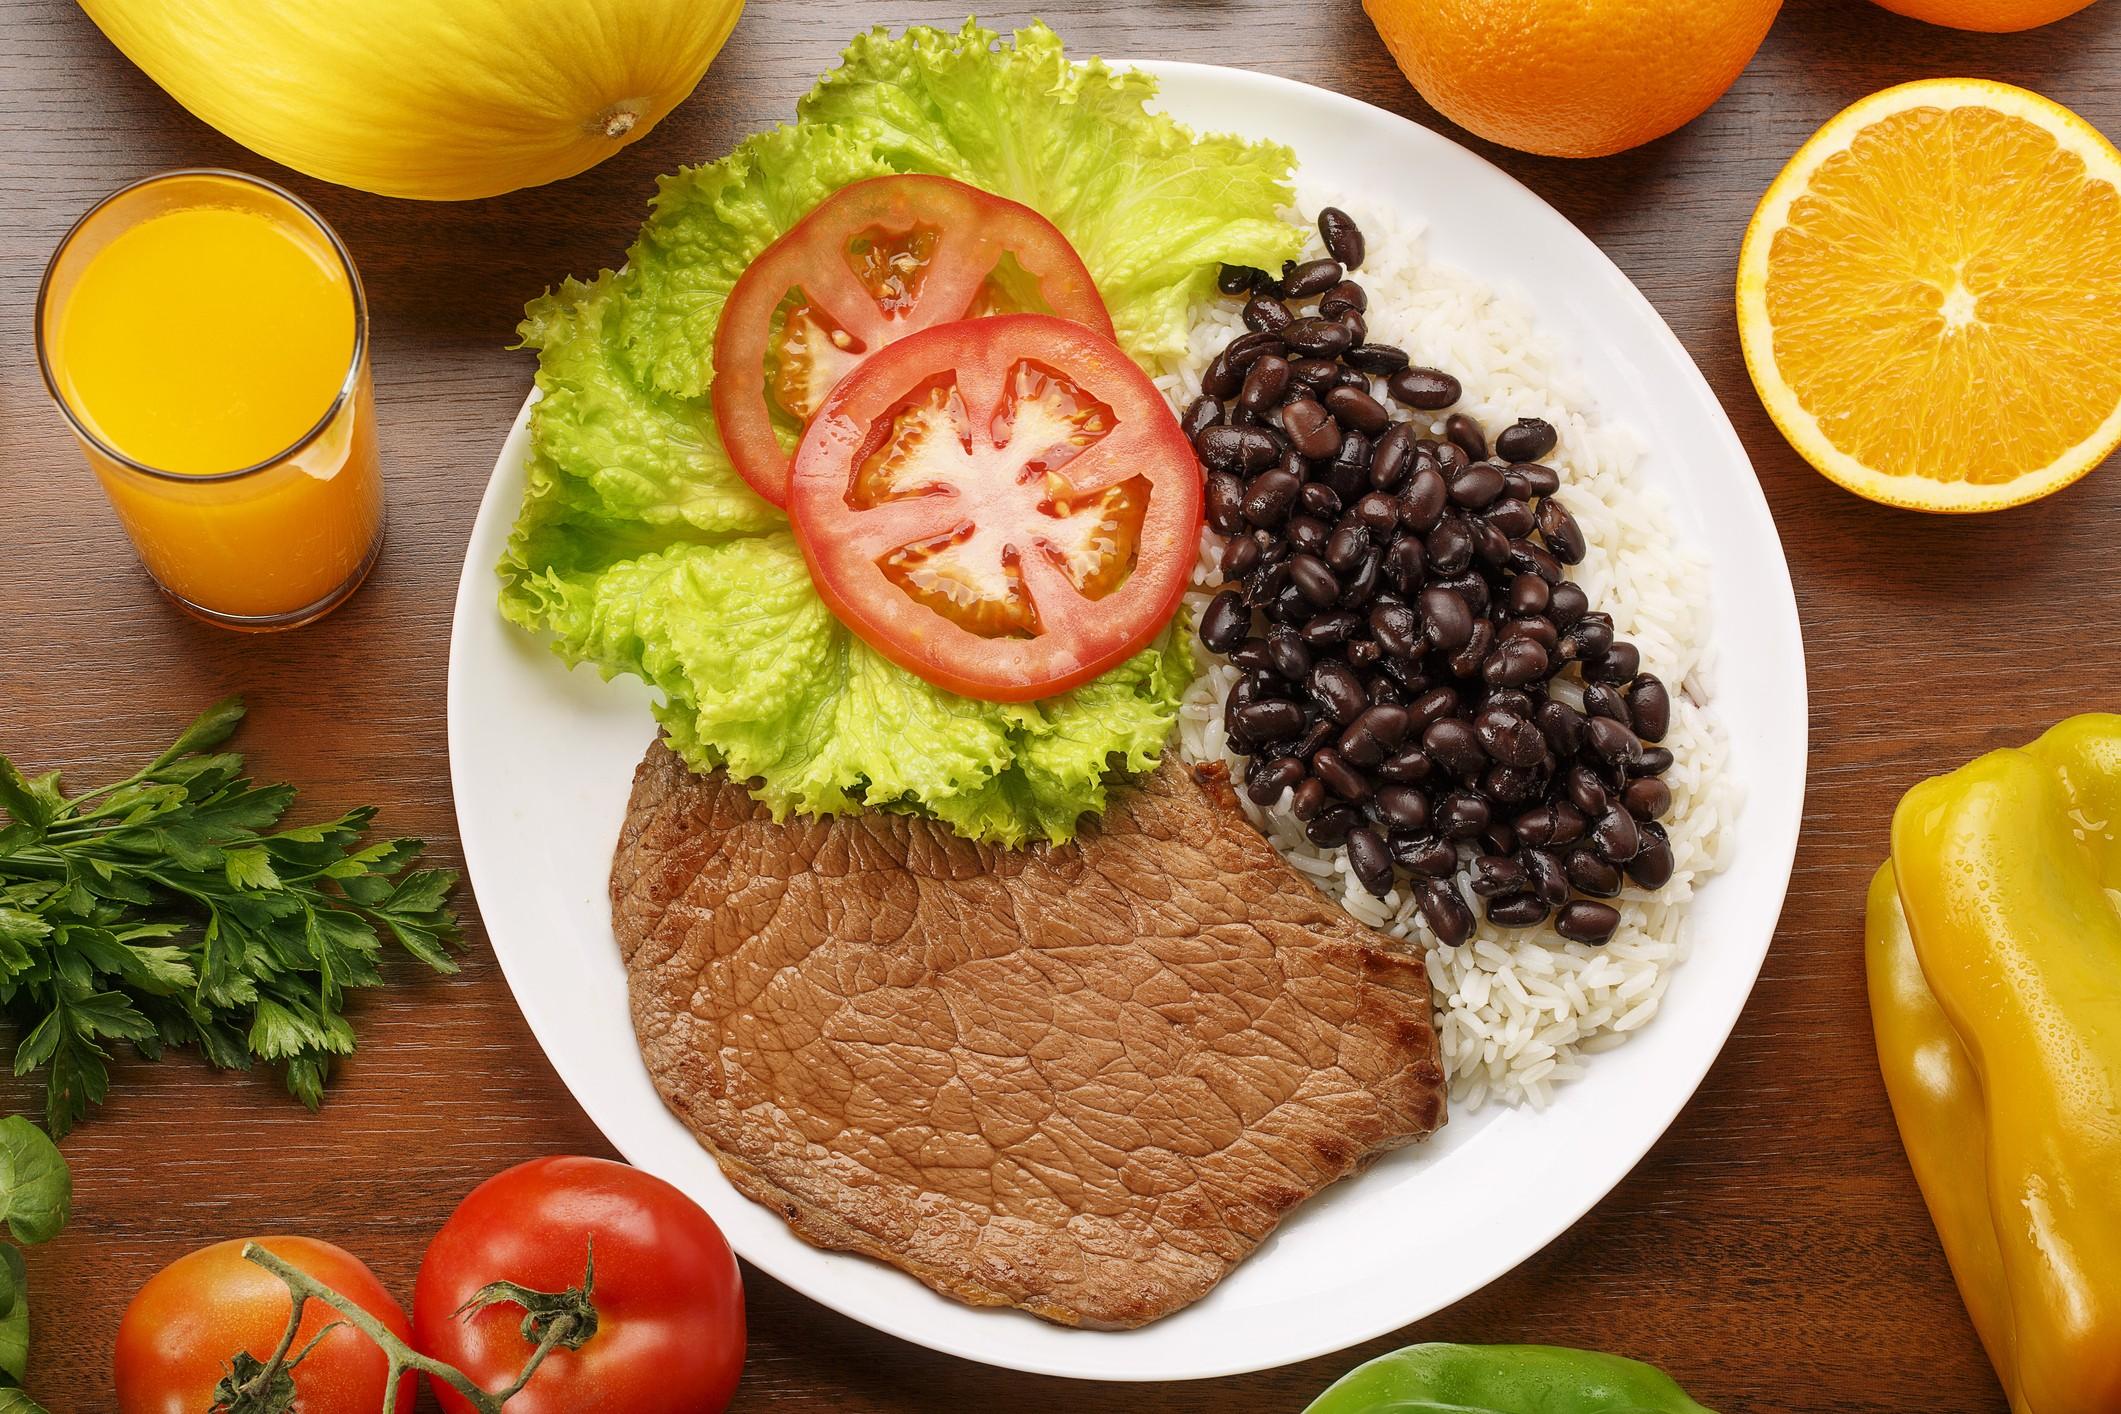 Agronegócio brasileiro alimenta mais de 772 milhões de pessoas, diz estudo